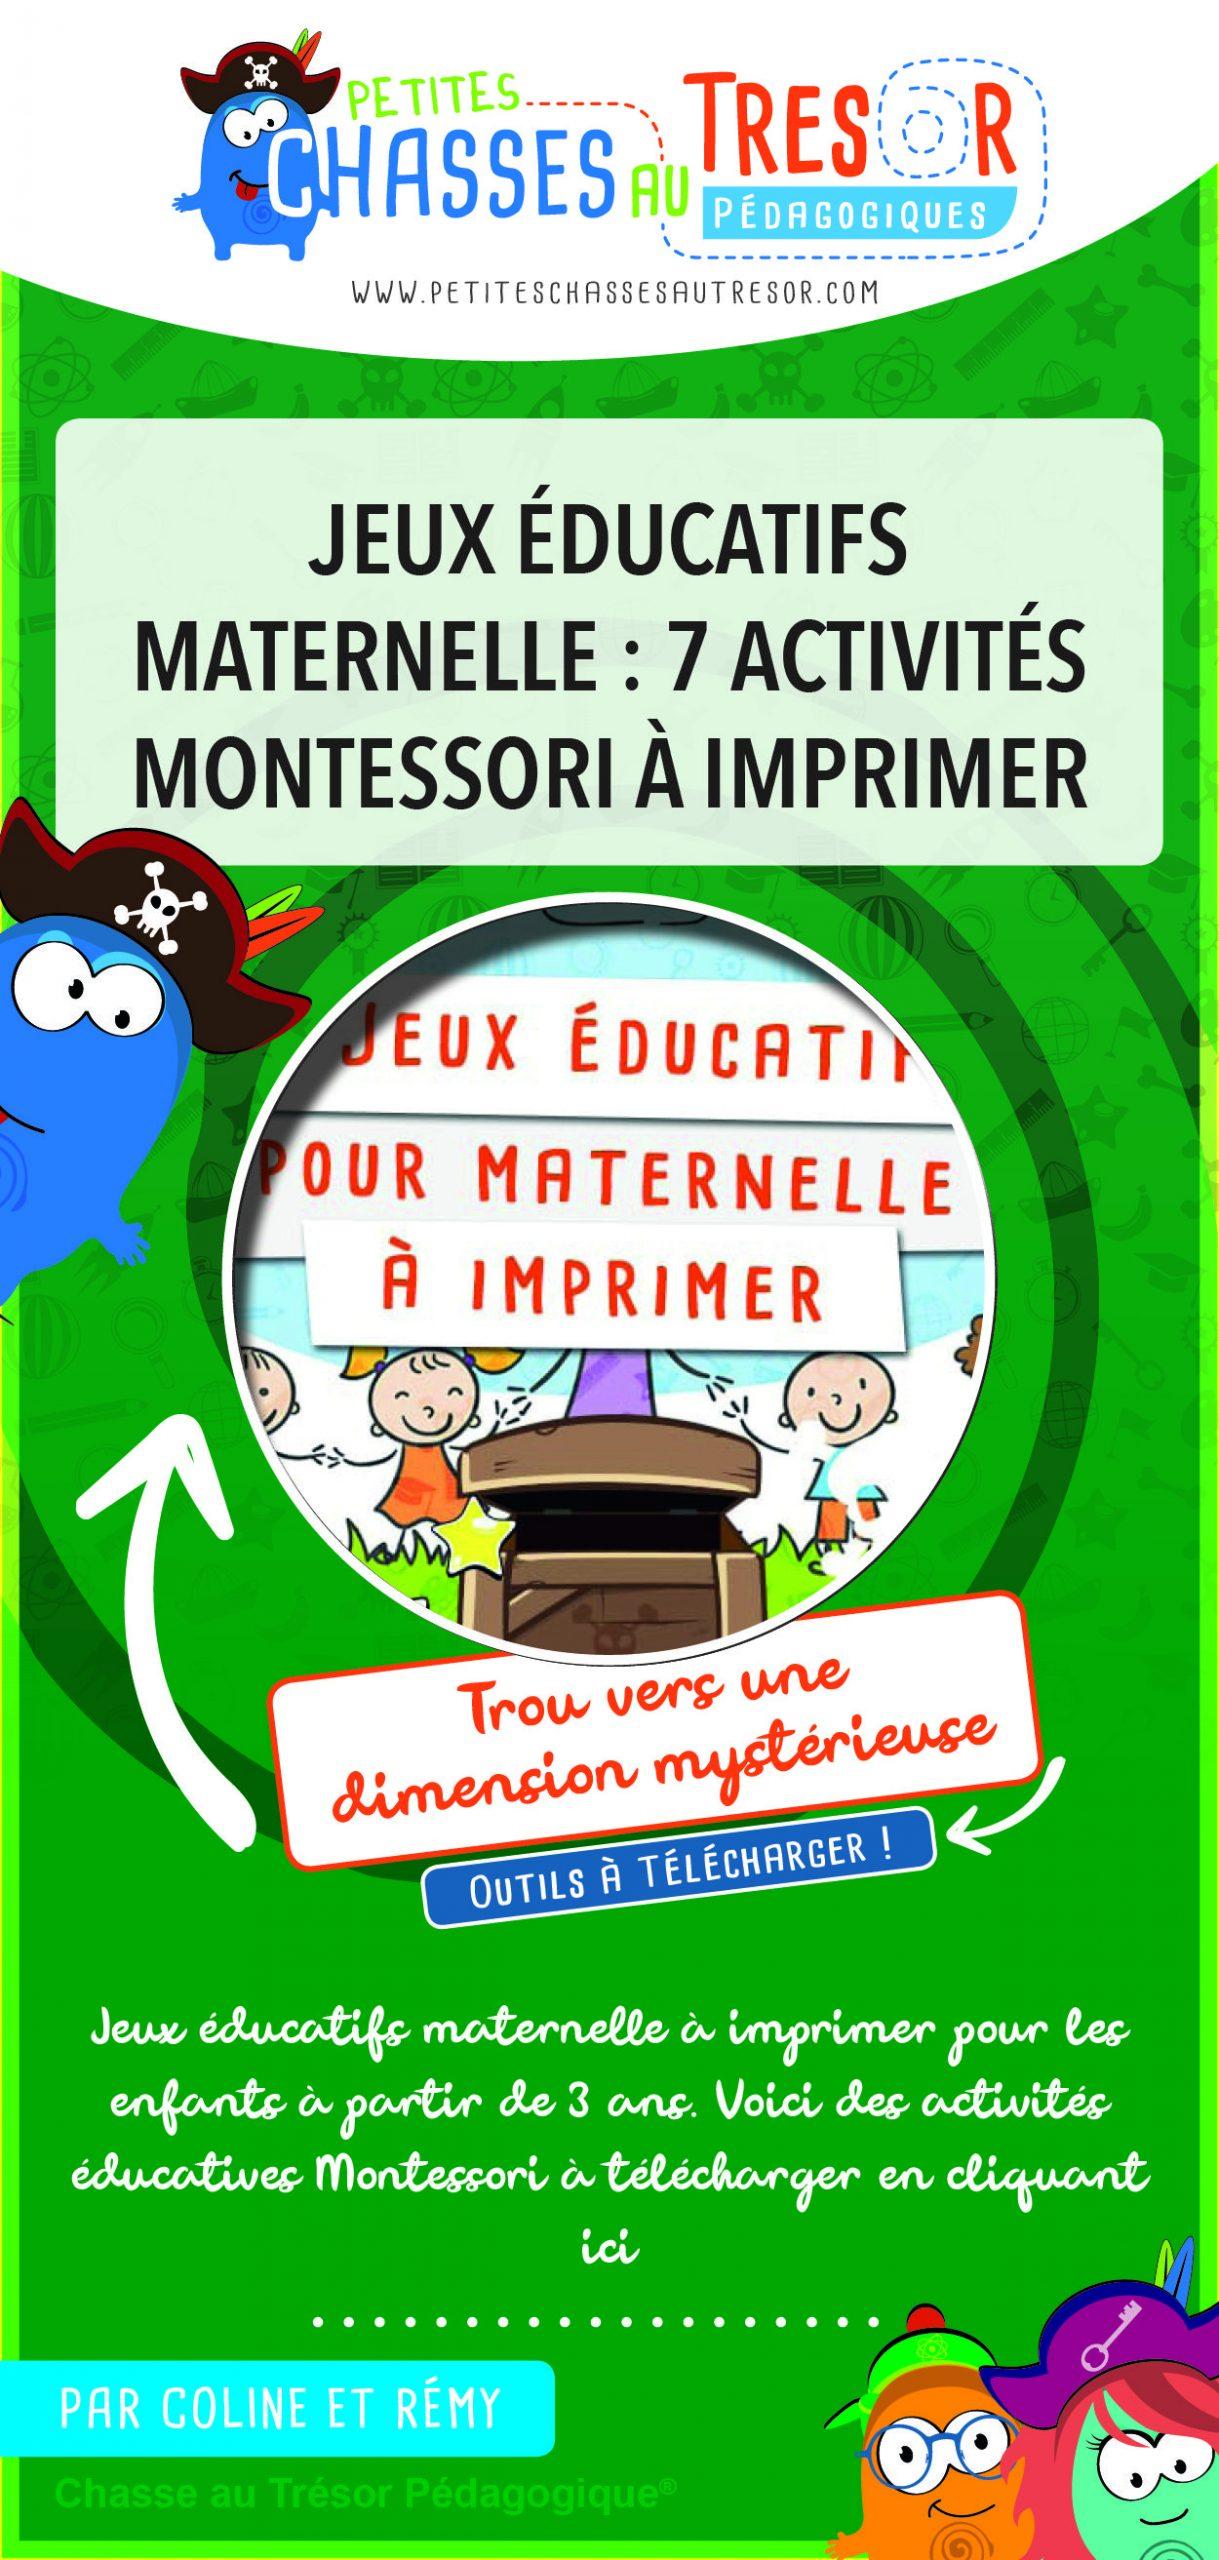 Jeux Éducatifs Maternelle : 7 Activités Montessori À destiné Jeu Educatif Maternelle